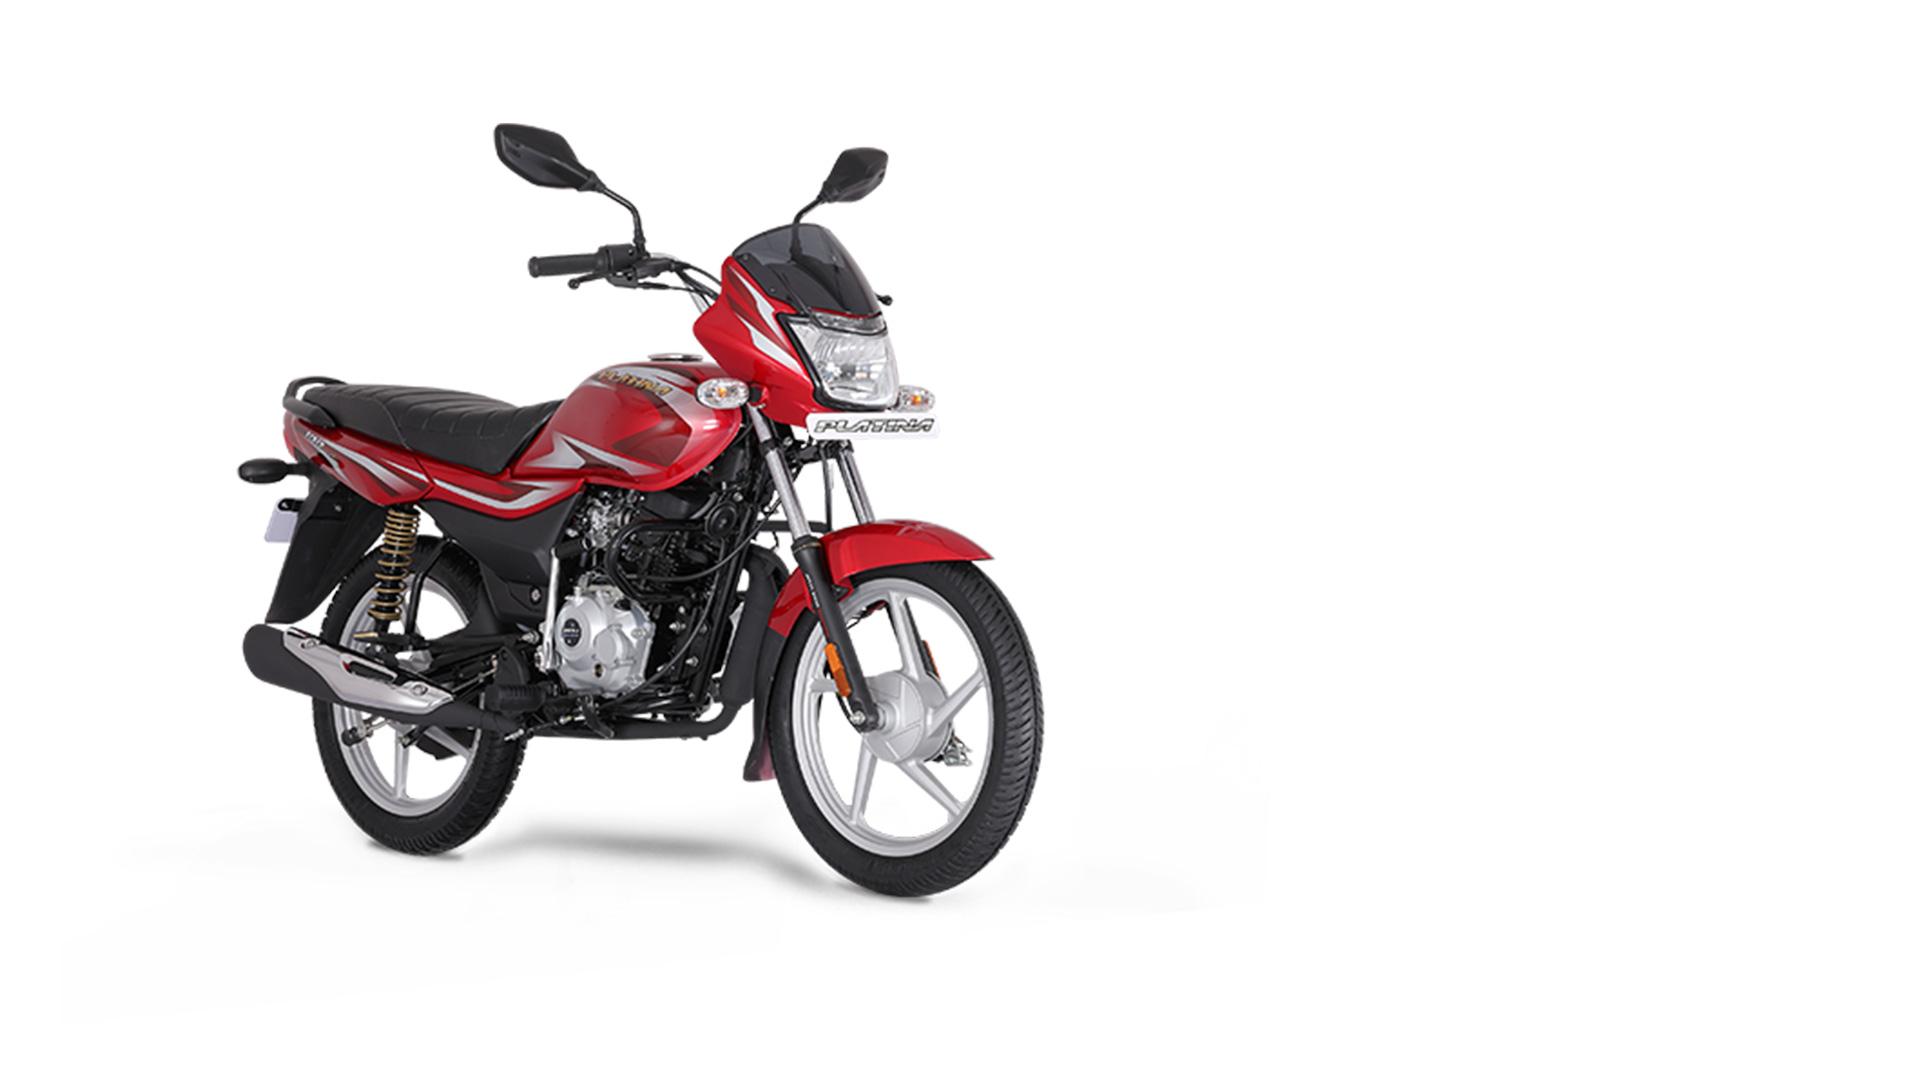 Bajaj Platina 100 2020 Alloy wheel KS